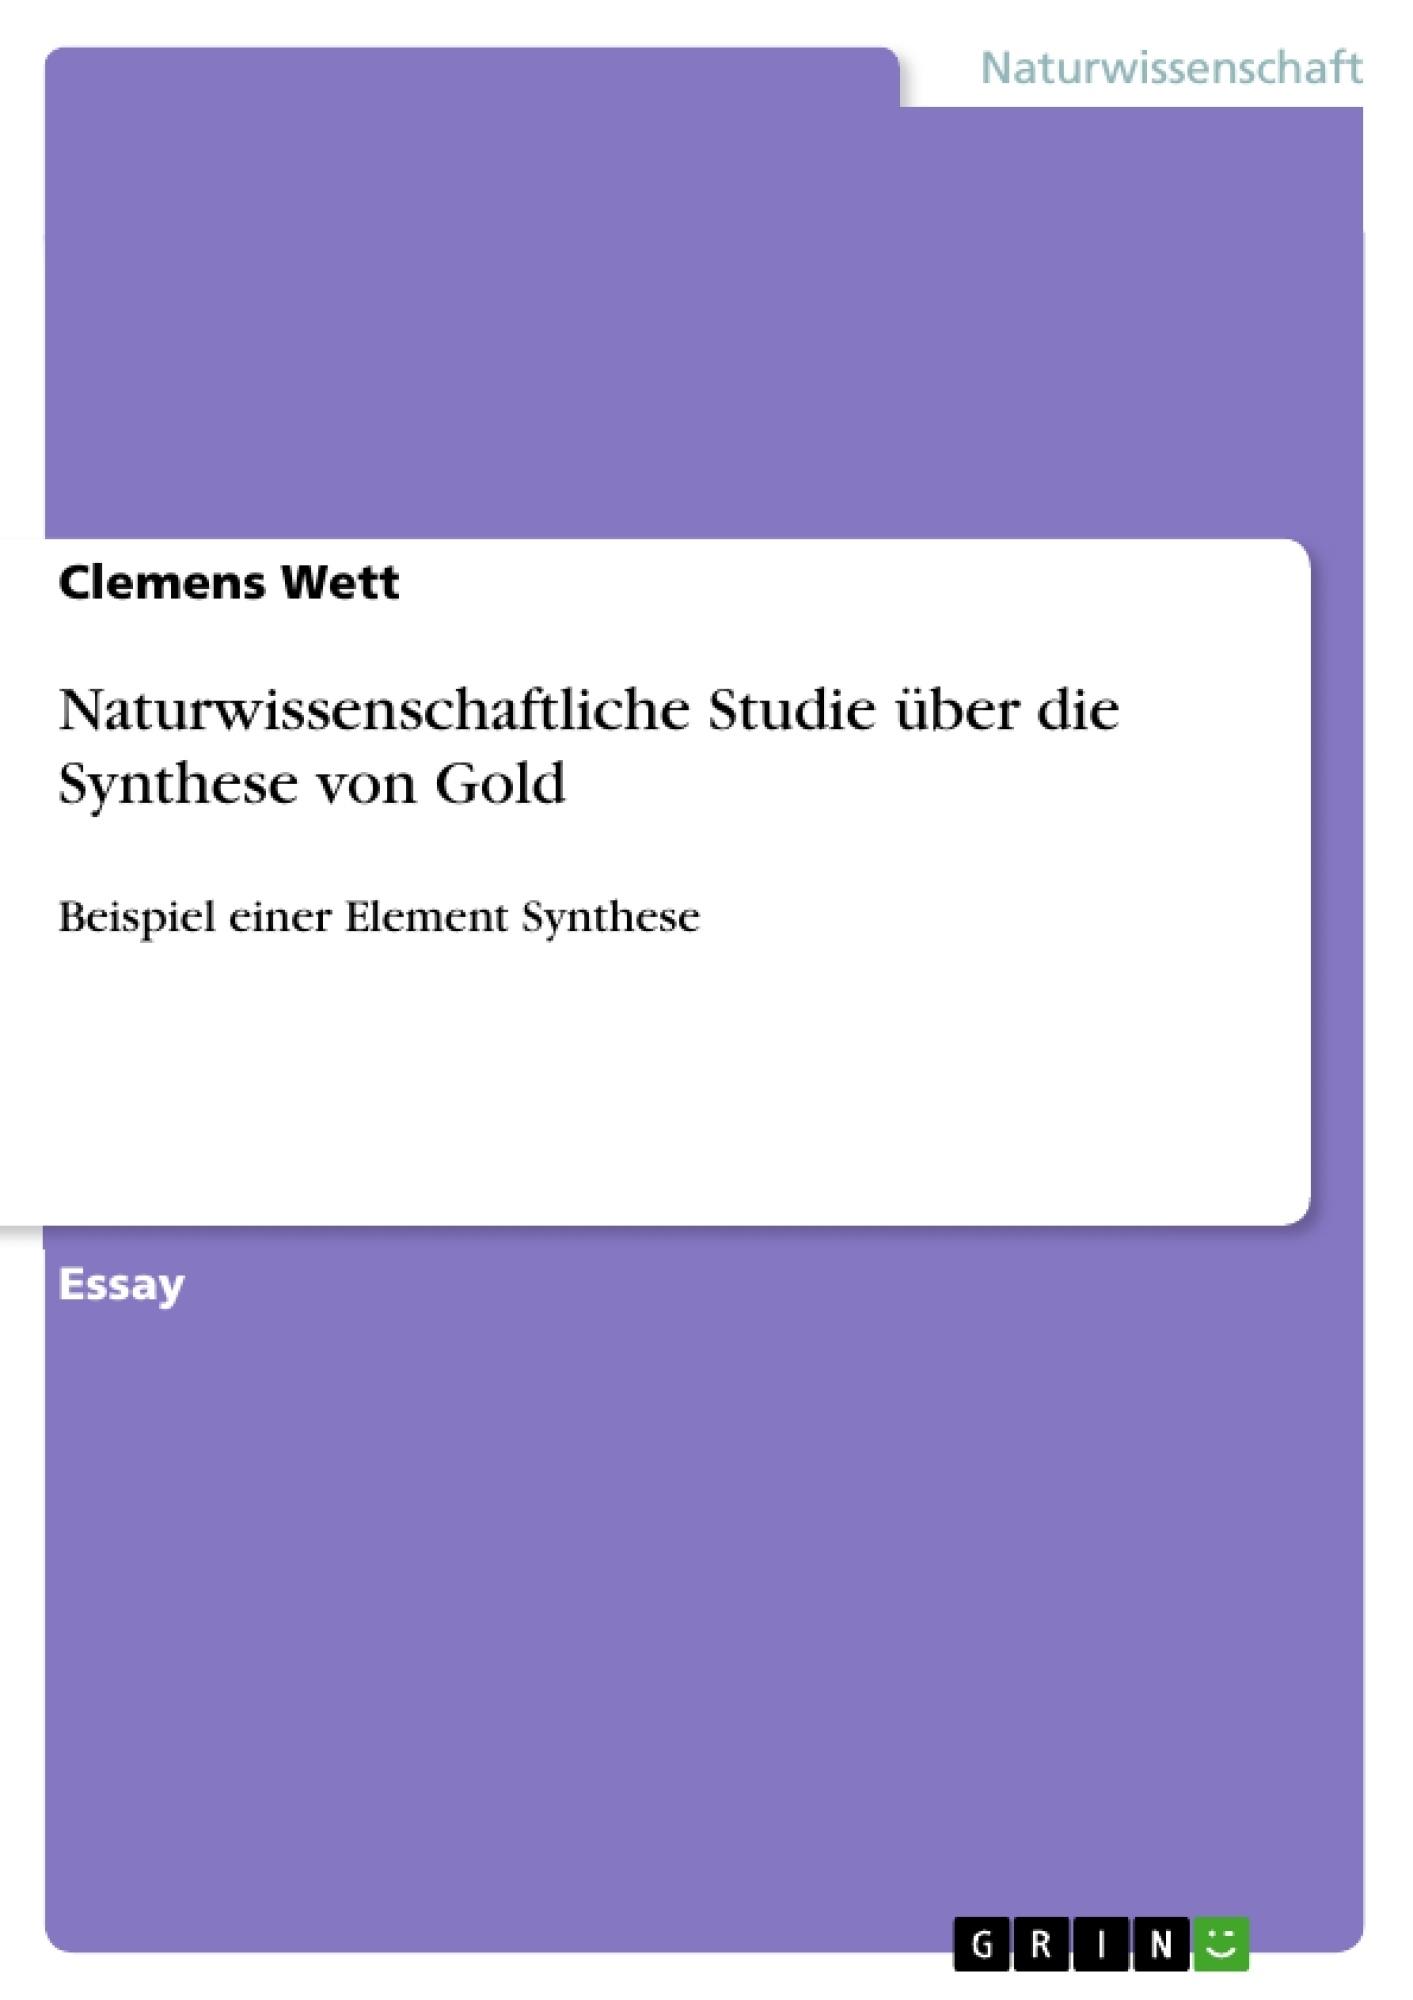 Titel: Naturwissenschaftliche Studie über die Synthese von Gold